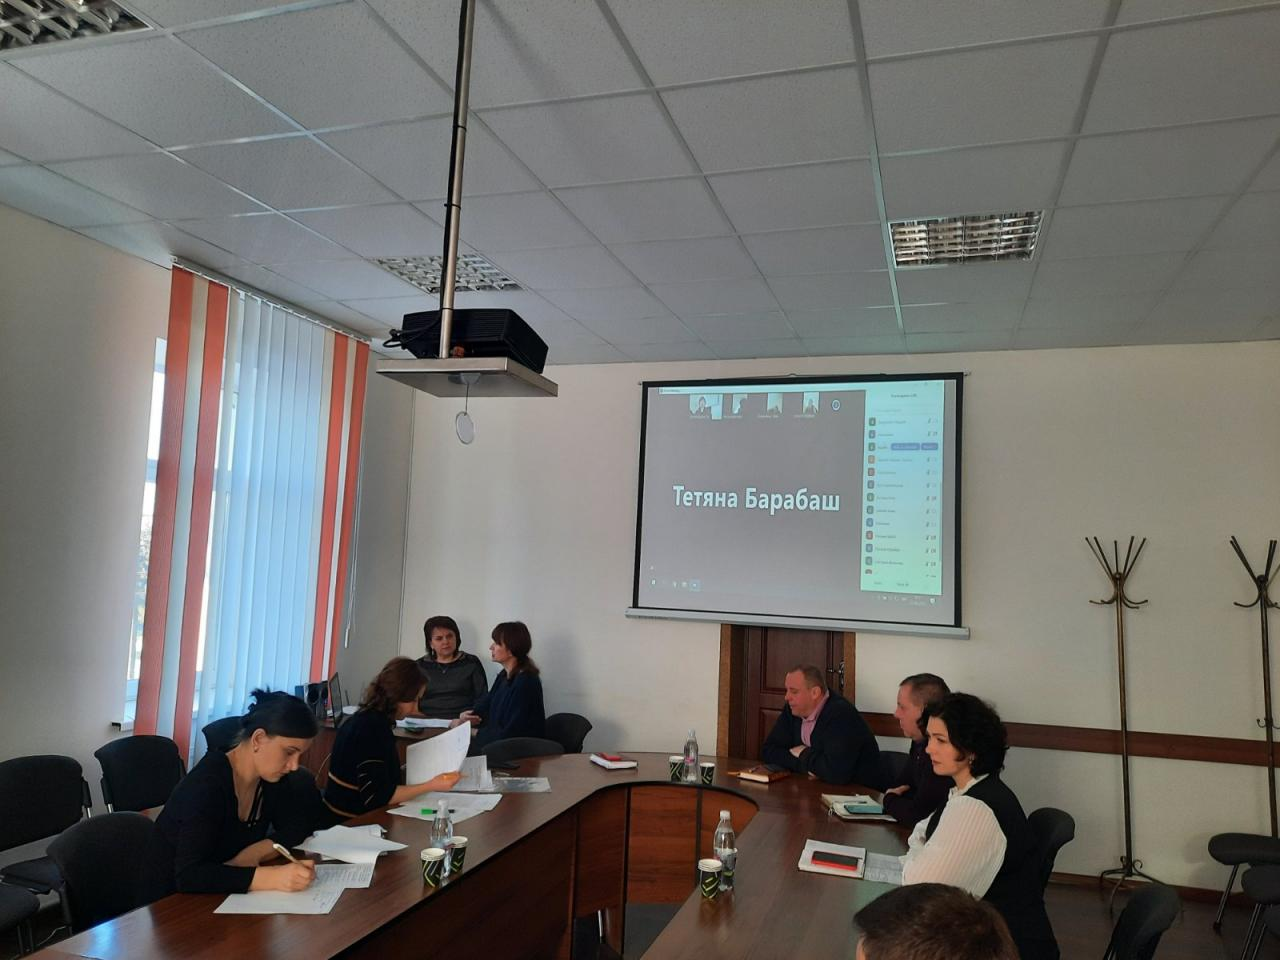 http://dunrada.gov.ua/uploadfile/archive_news/2021/02/23/2021-02-23_2184/images/images-28700.jpg